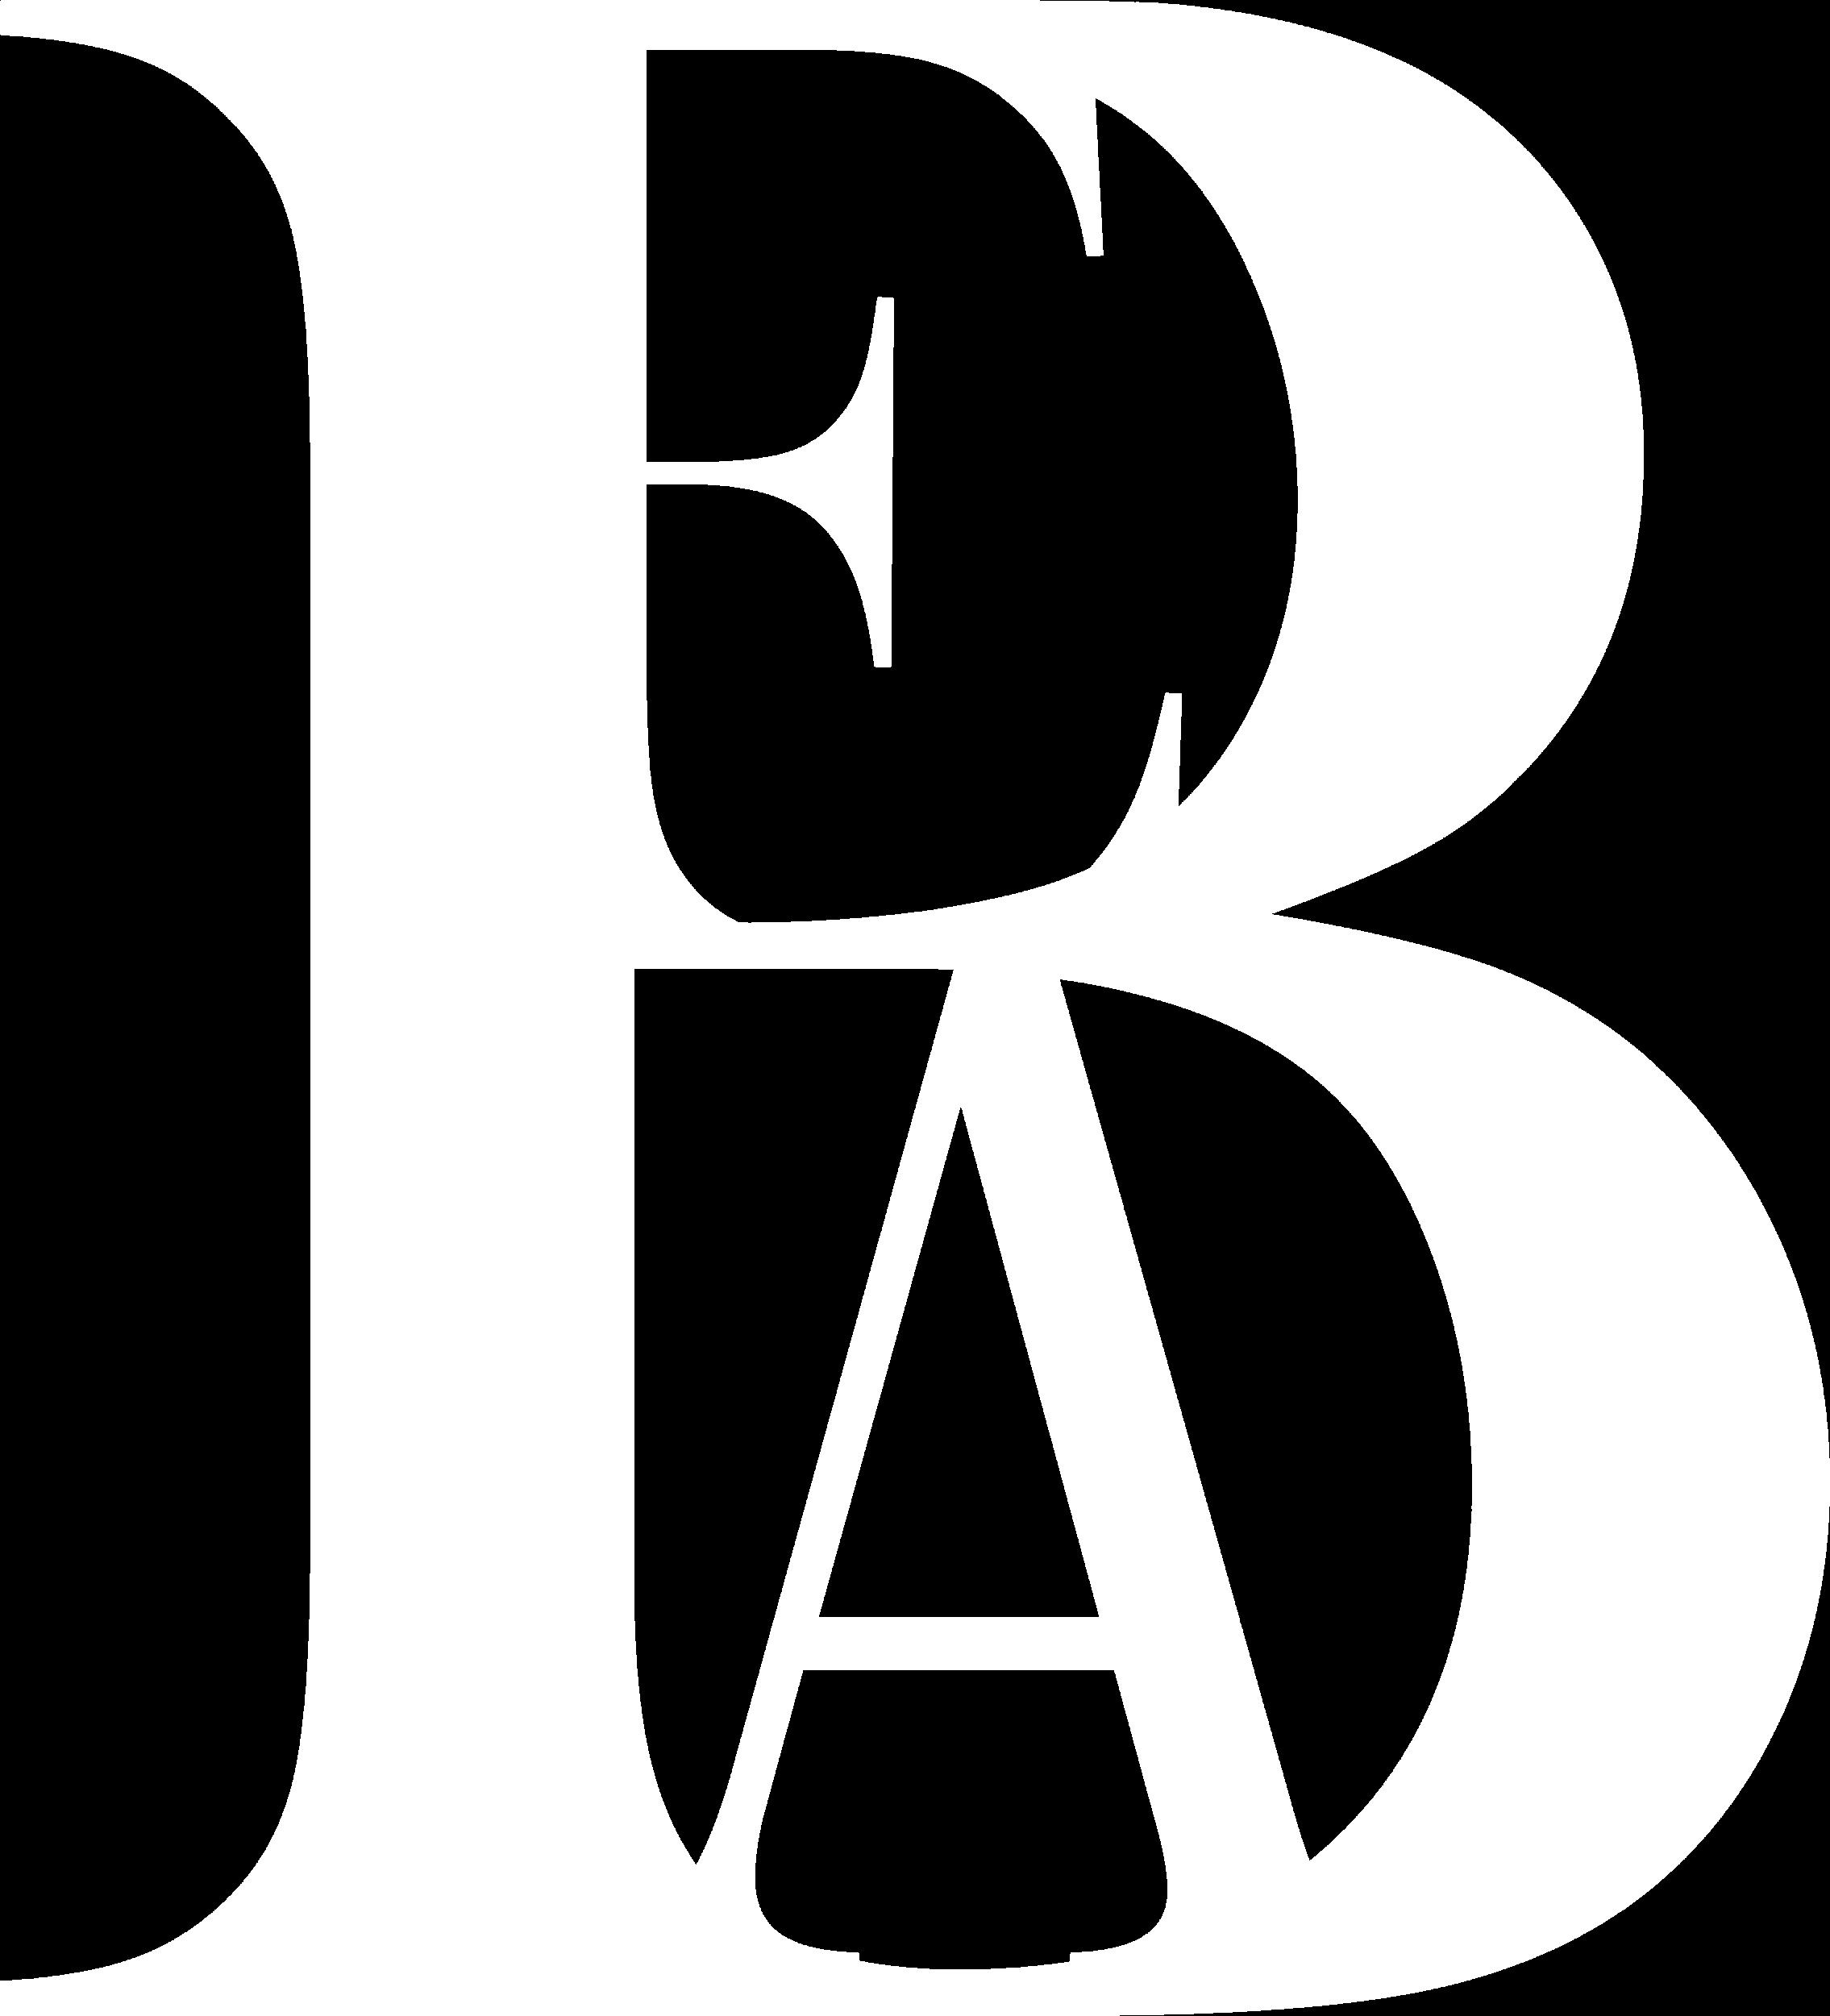 Beba Lingerie white logo